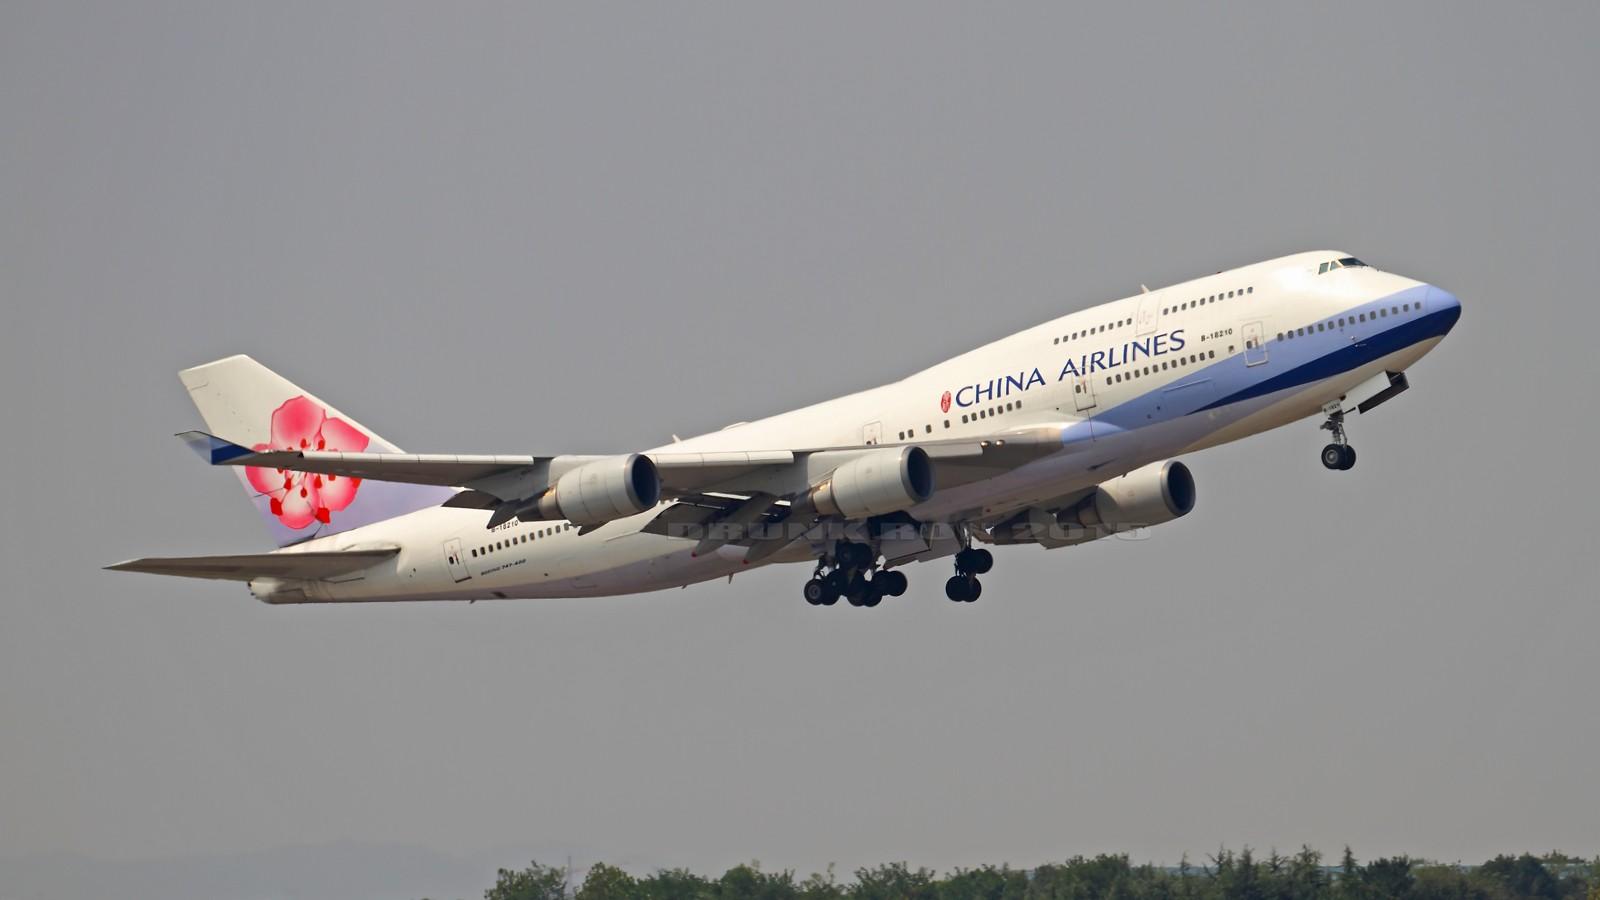 Re:[原创]NKG~周日去的多~这次周六去的~ BOEING 747-400 B-18210 中国南京禄口国际机场